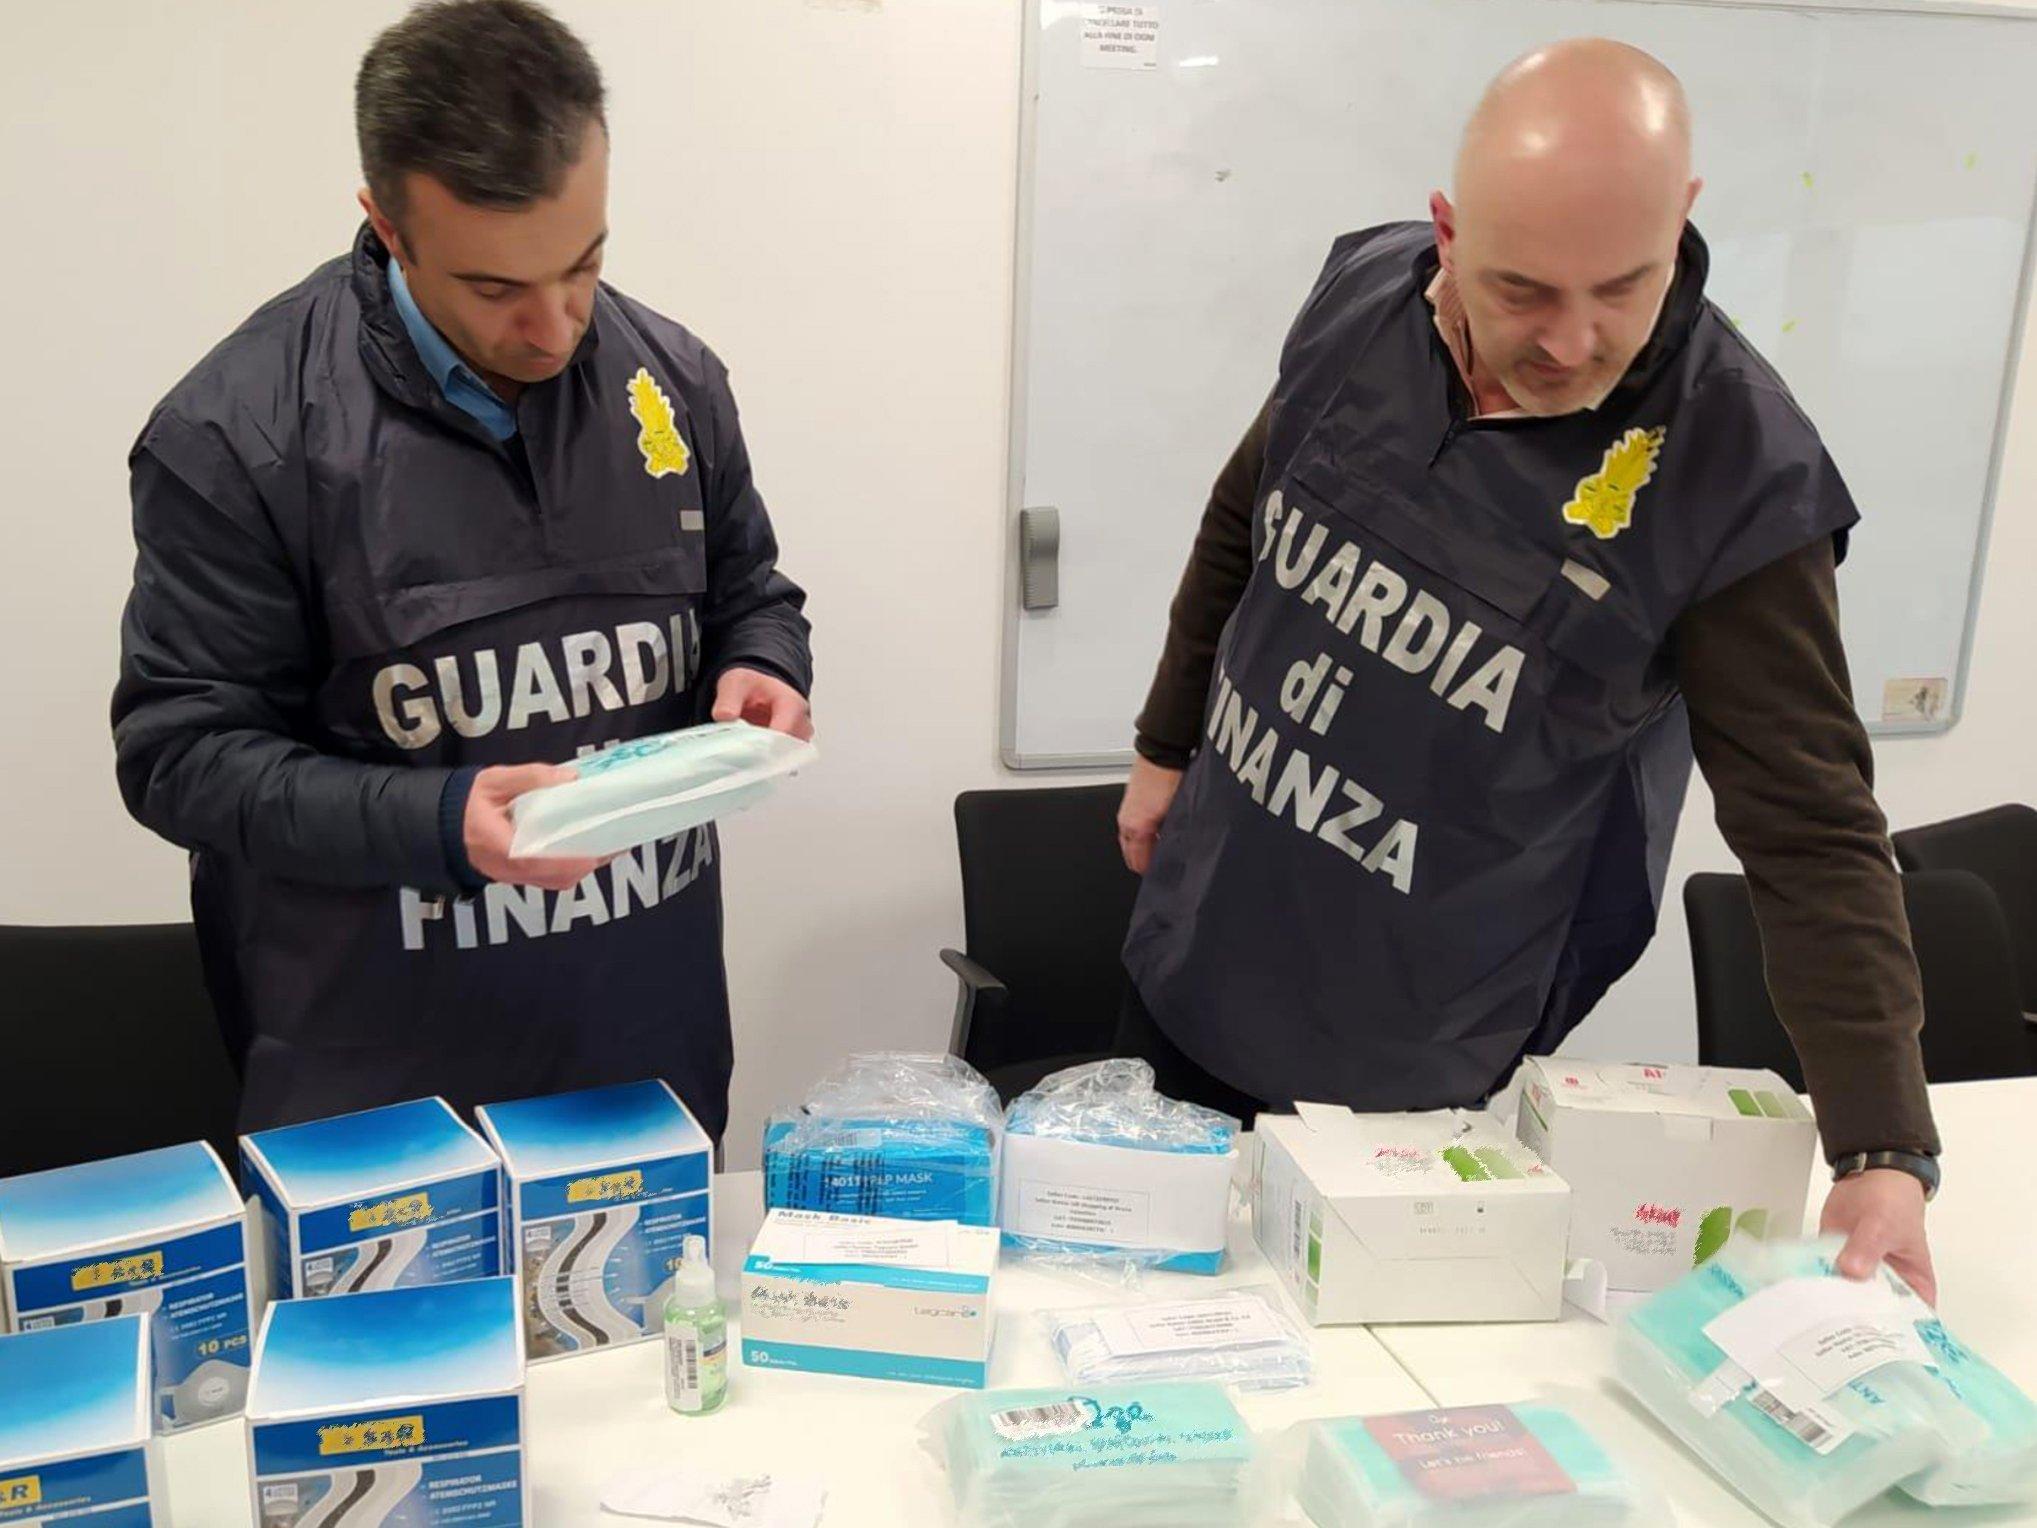 Negozi Tappeti Napoli E Provincia guardia di finanza: emergenza coronavirus, controlli a